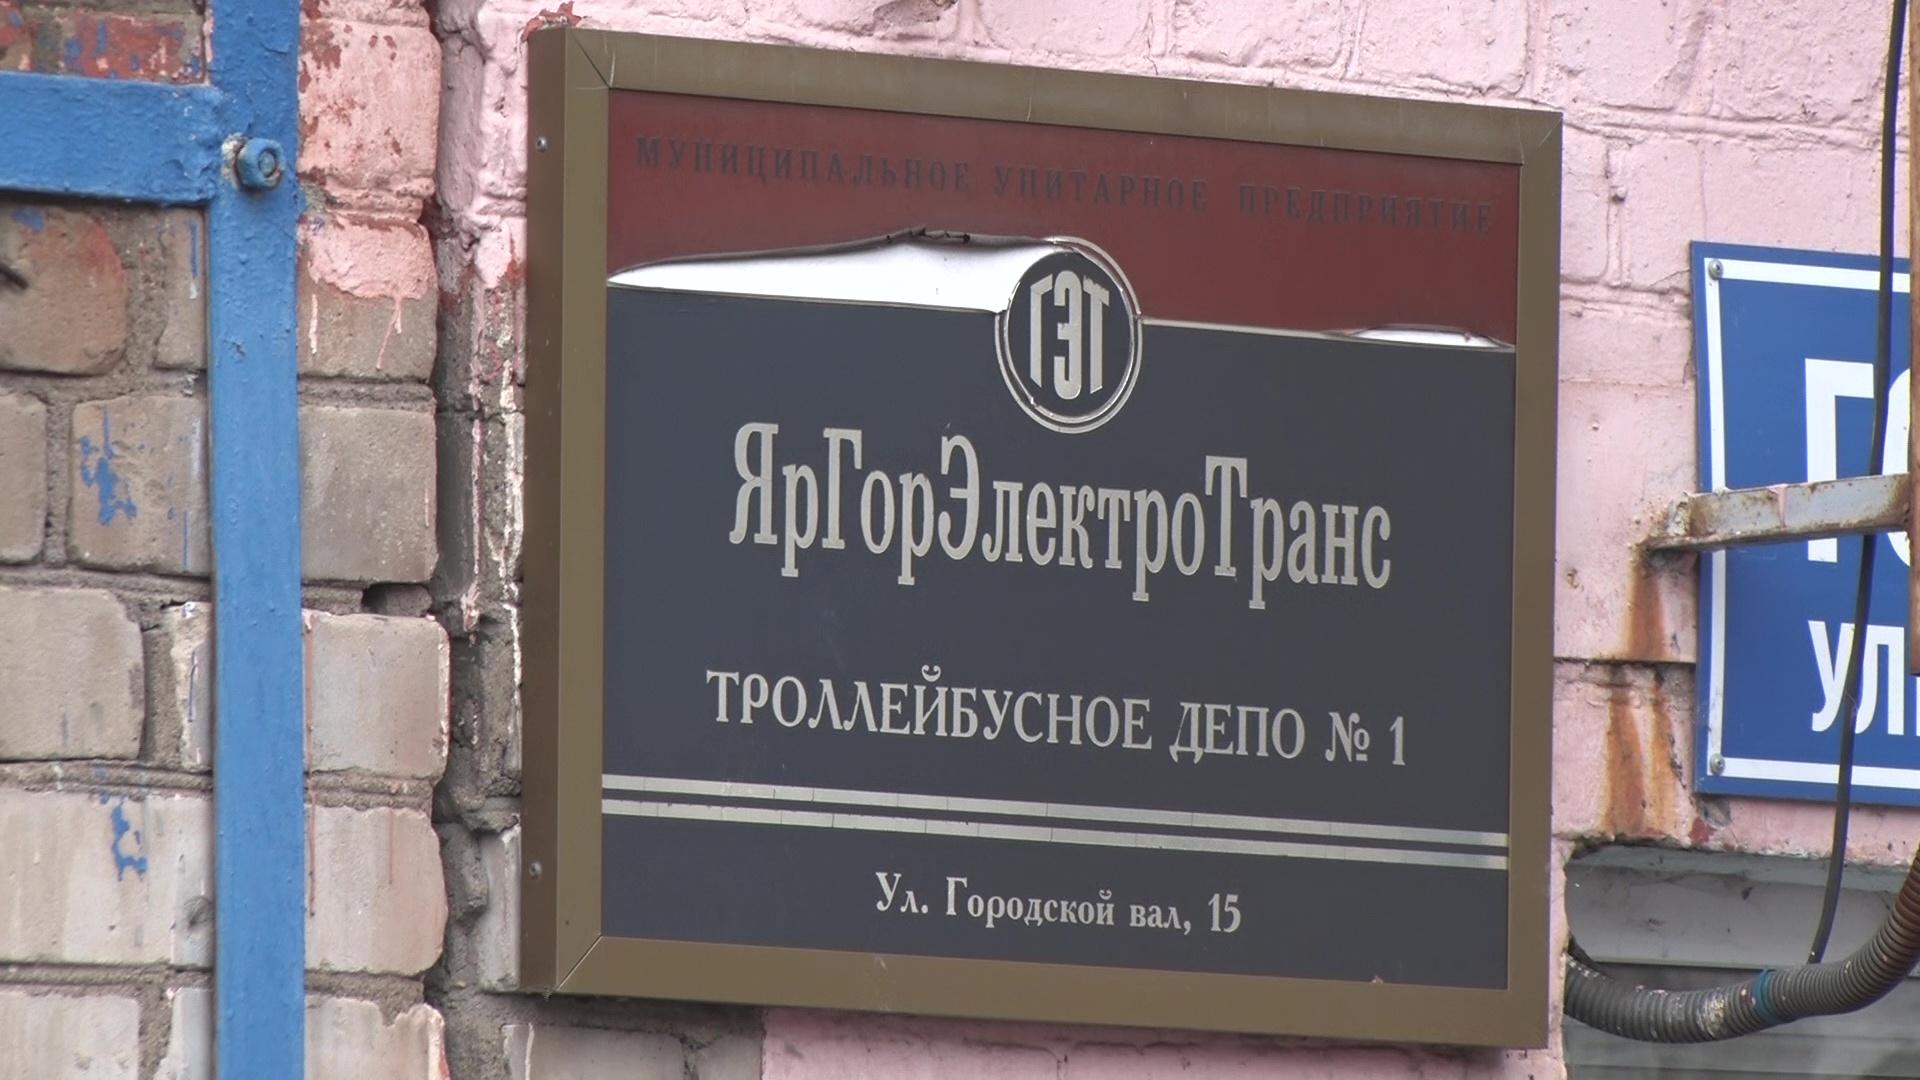 Глава региона прокомментировал возможность застройки территории депо №1